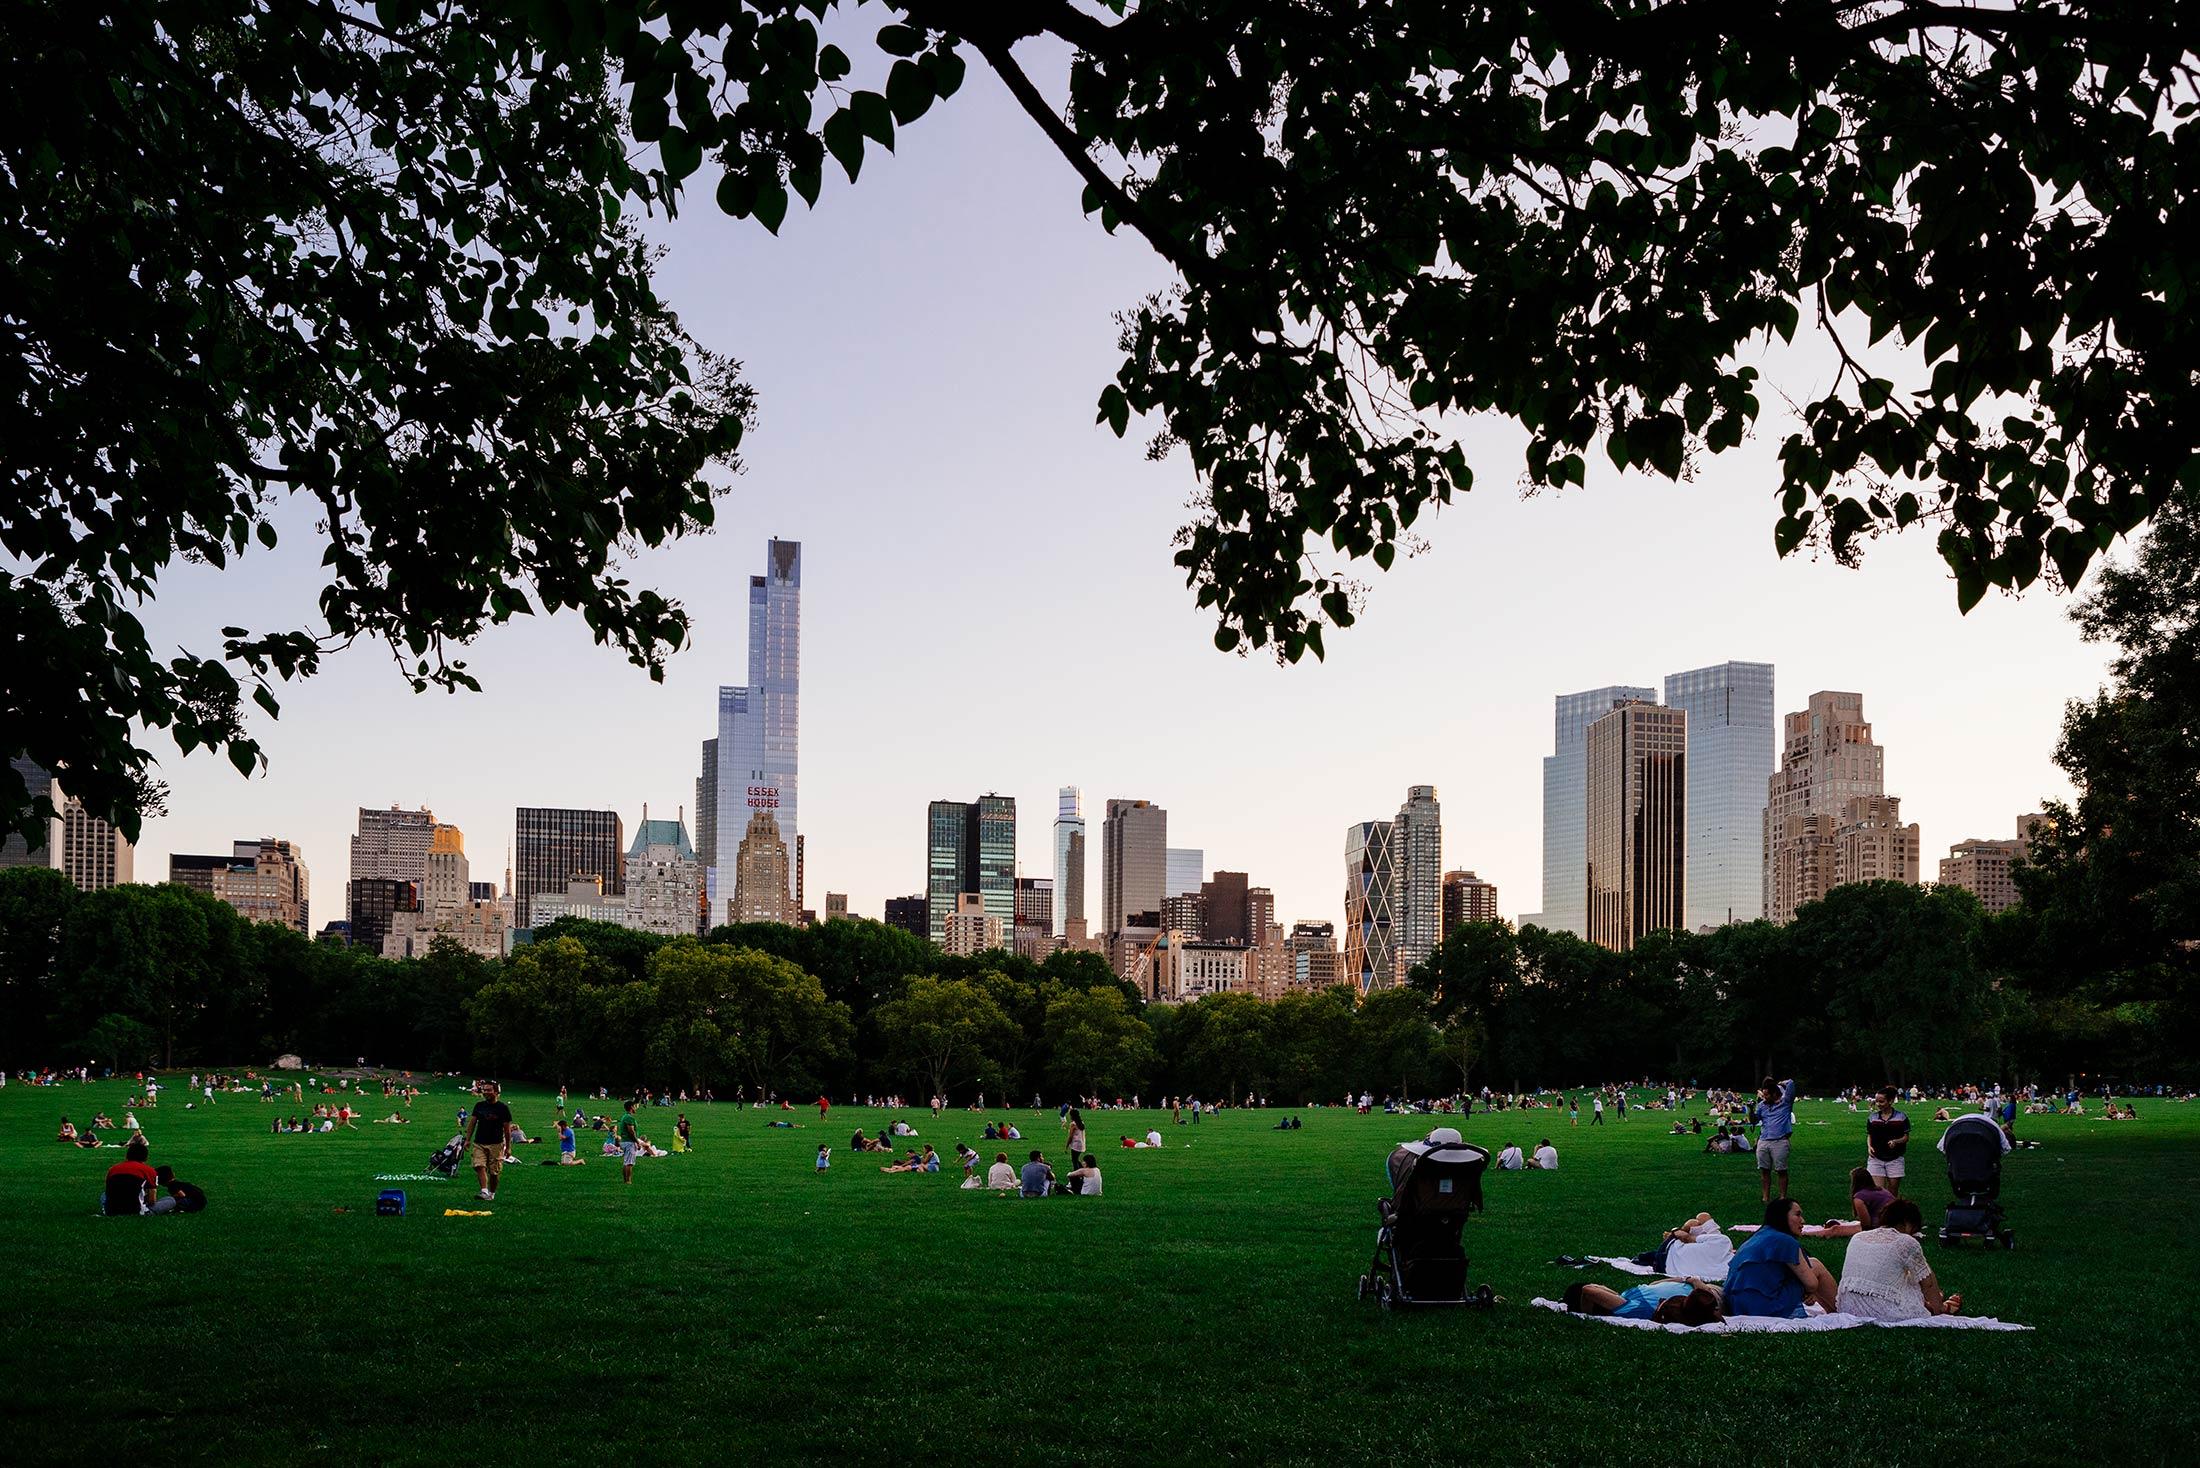 NYC_NewYorkCity_02-Mitja_Schneehage